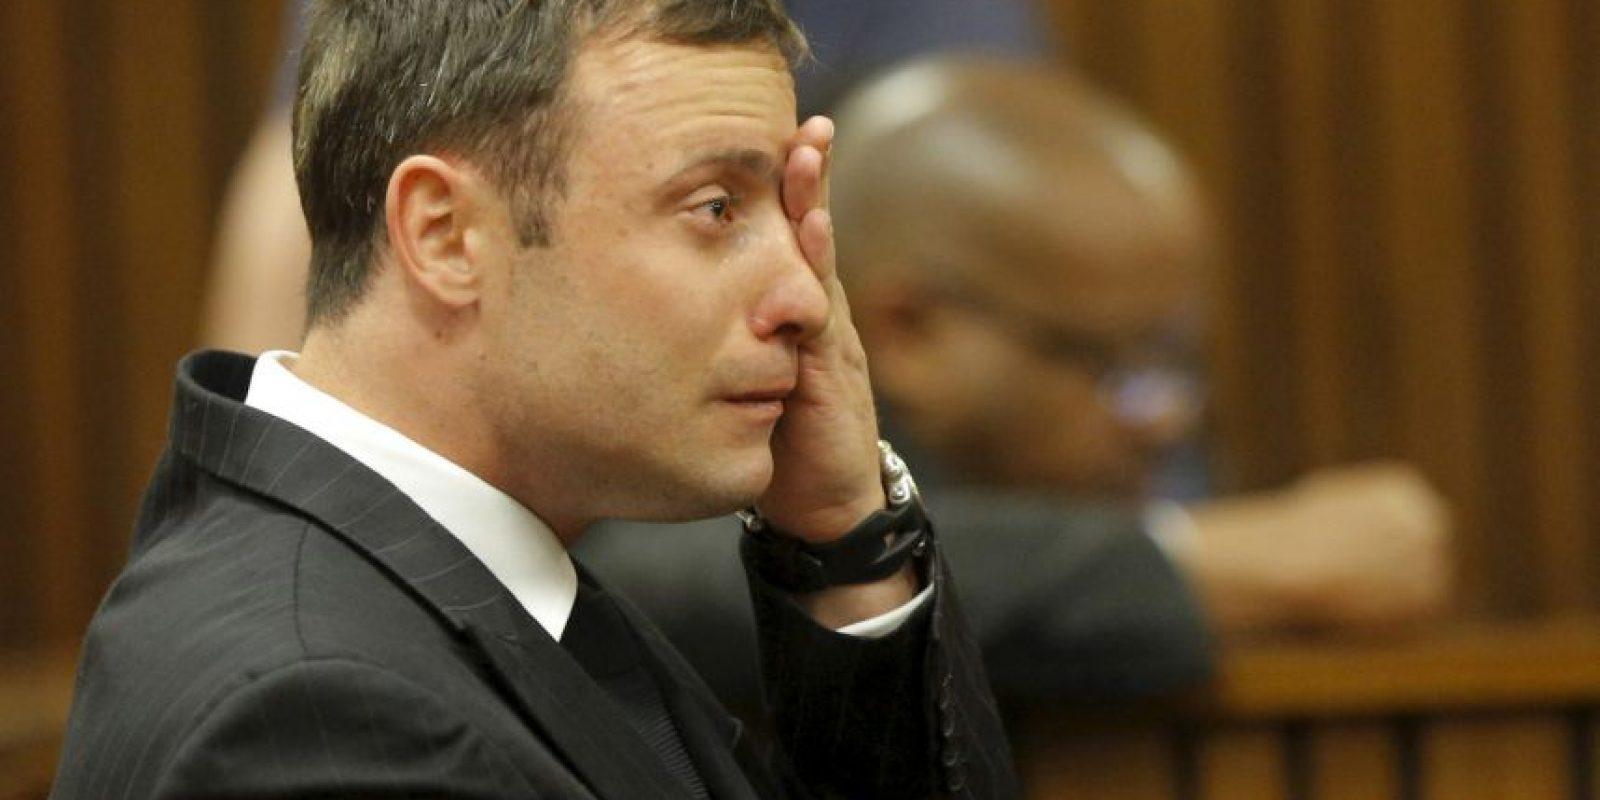 En su defensa, el atleta siempre sostuvo que desconocía que Steenkamp estuviera en ese lugar y que la confundió con un ladrón. Foto:Getty Images